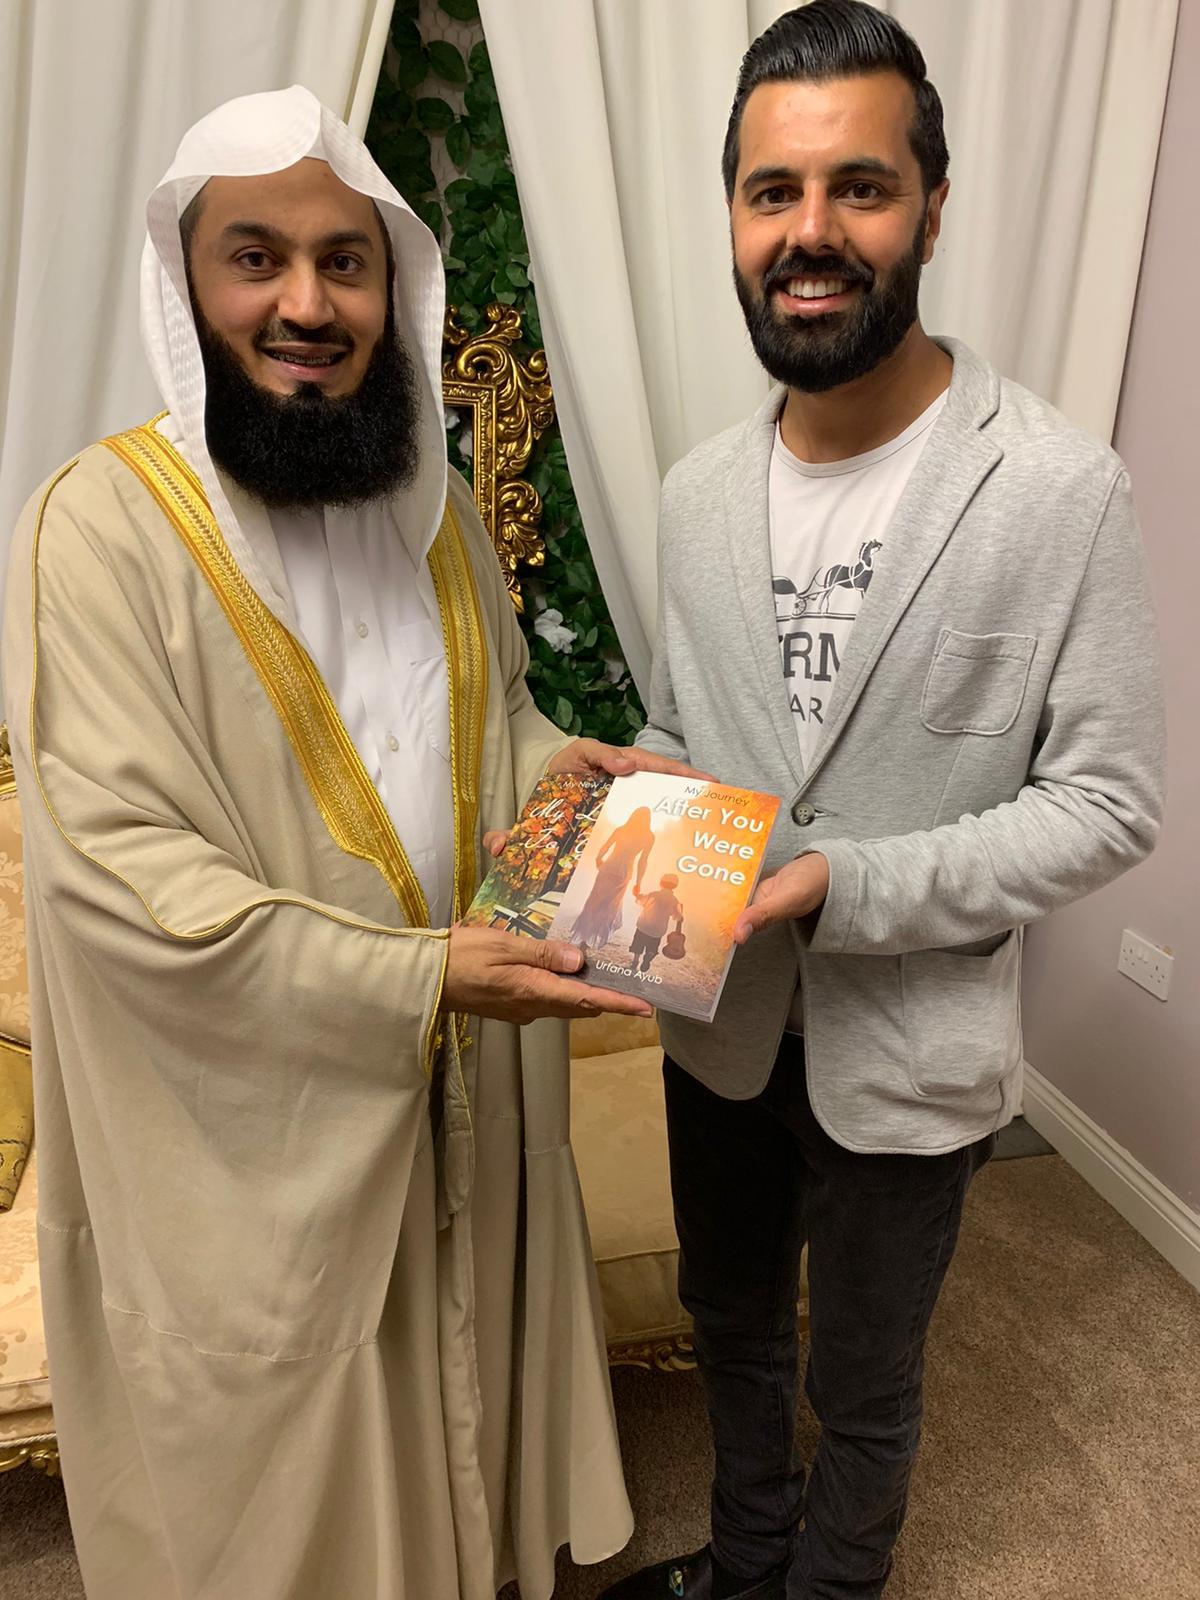 Mufti Menk and Ishfaq Farooq